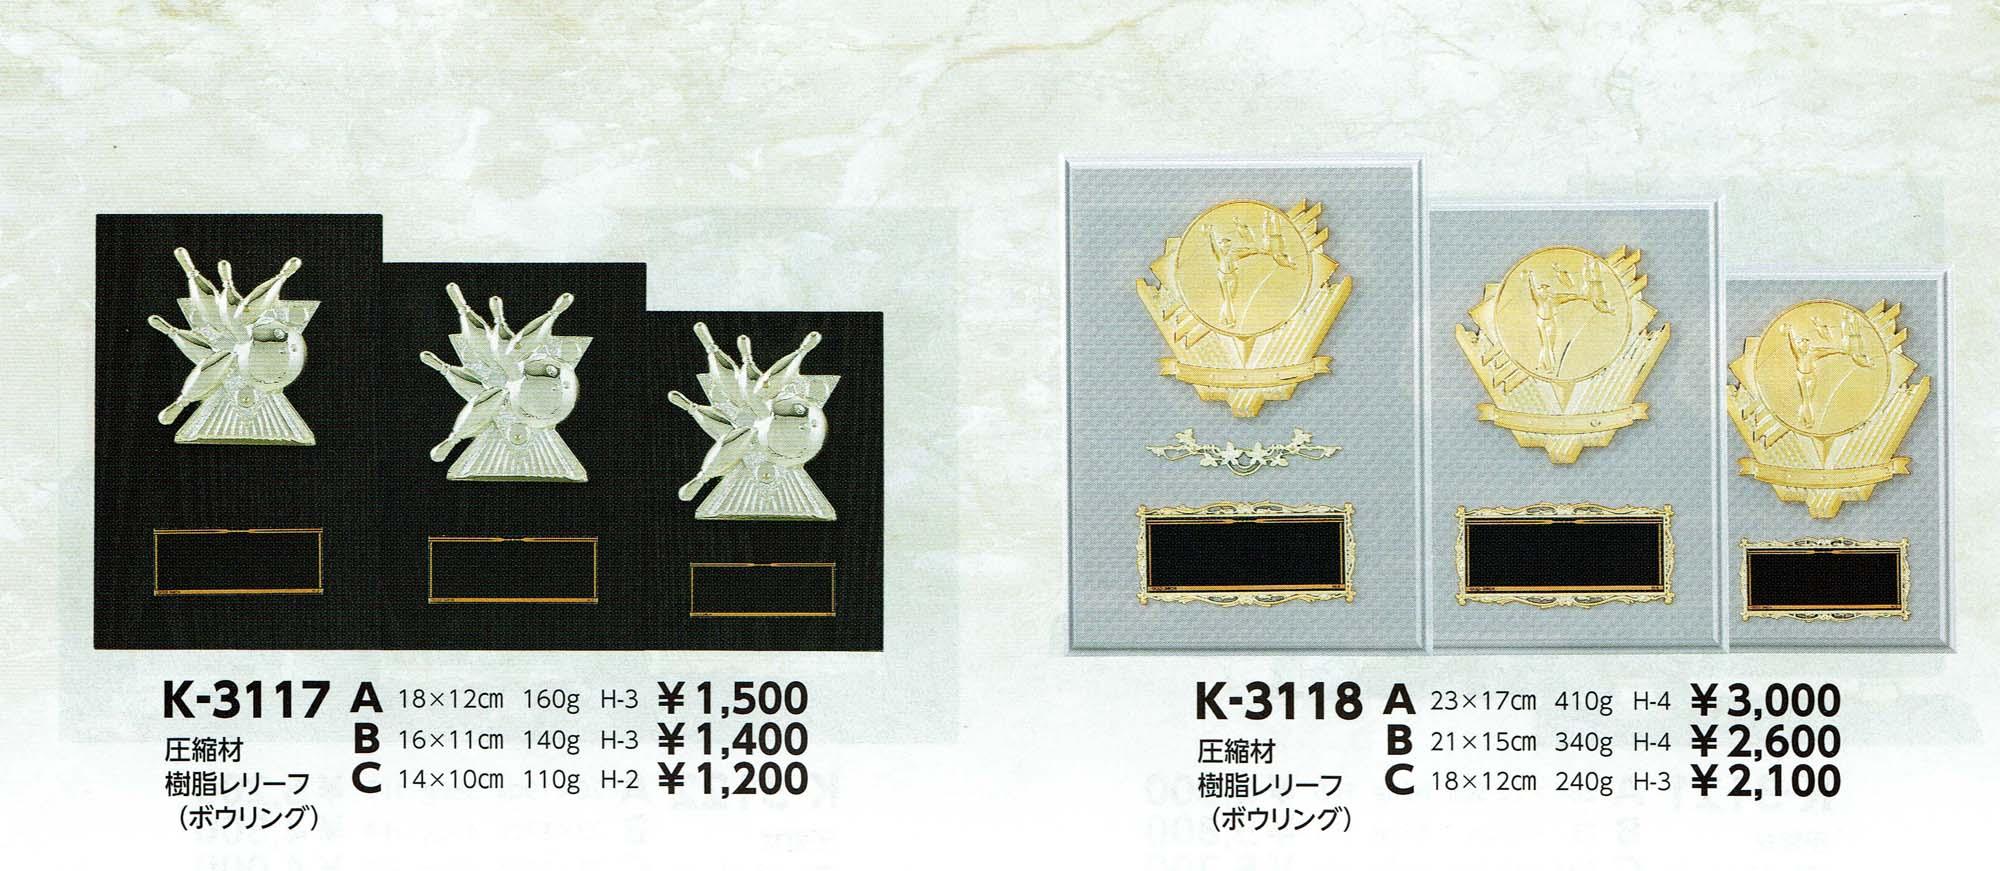 K3117、K3118